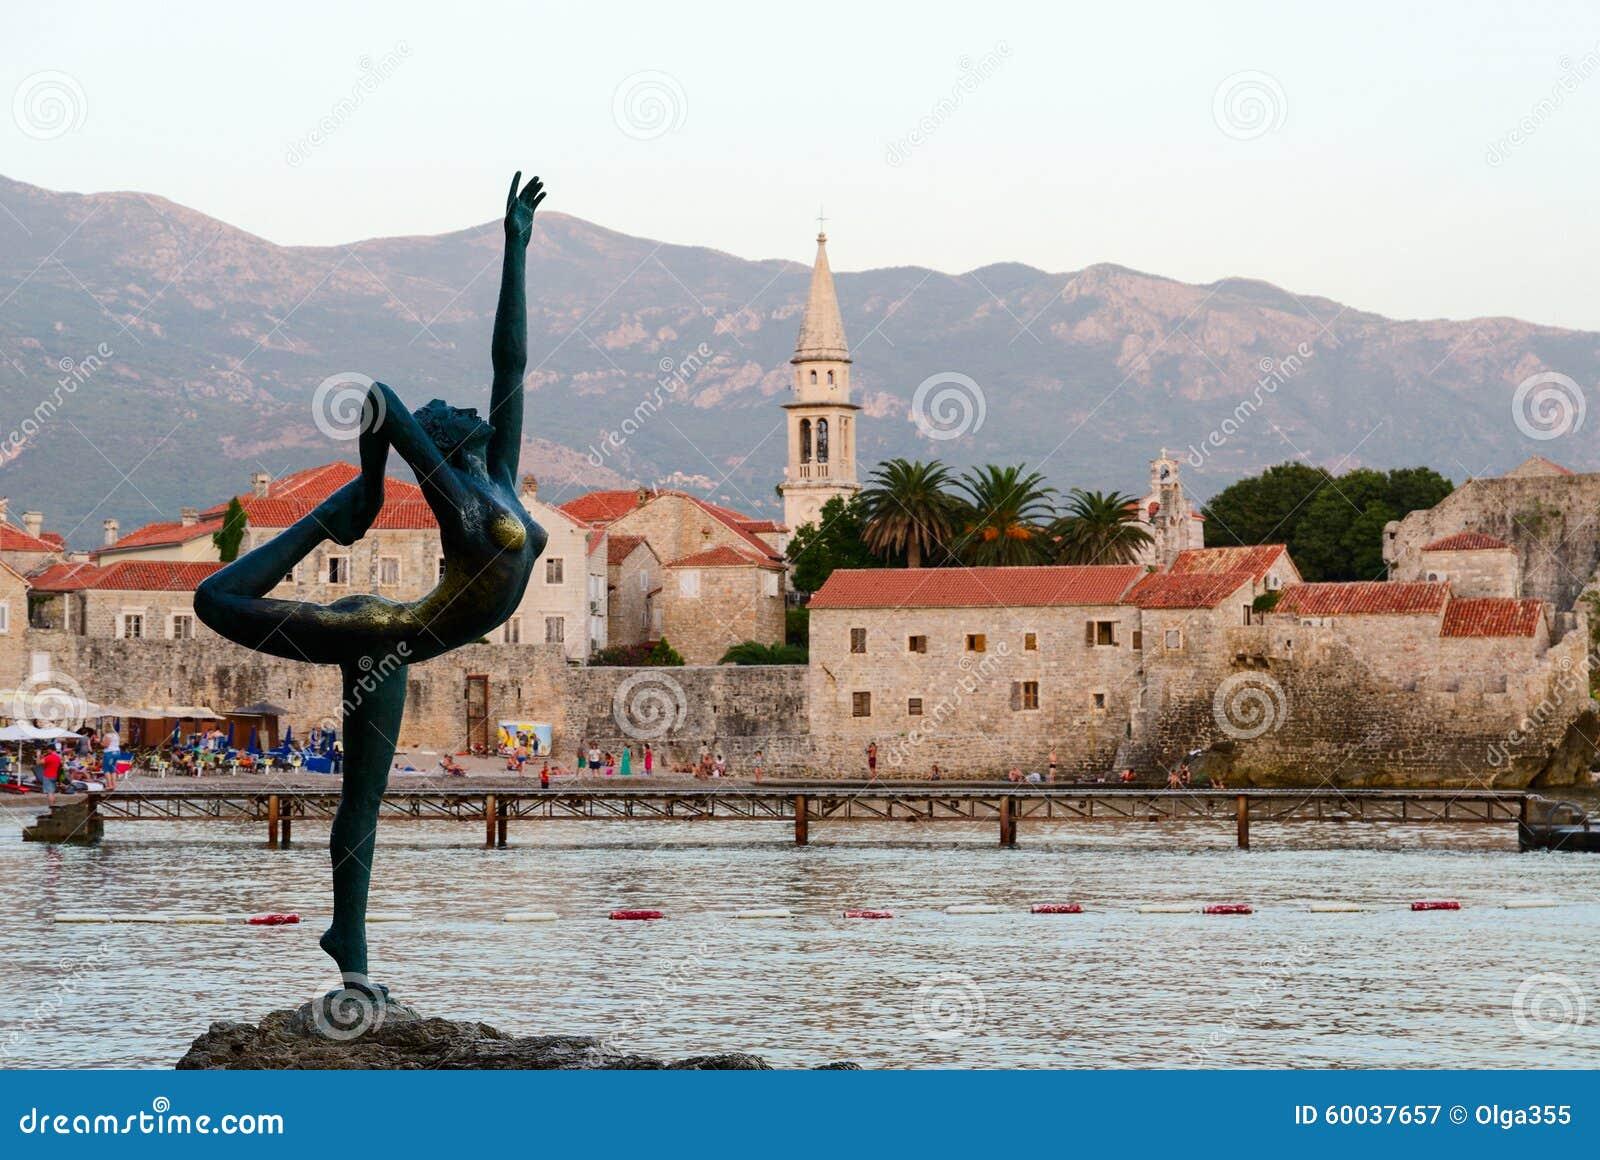 Bailarina da escultura (dançarino de Budva) contra o contexto da cidade velha